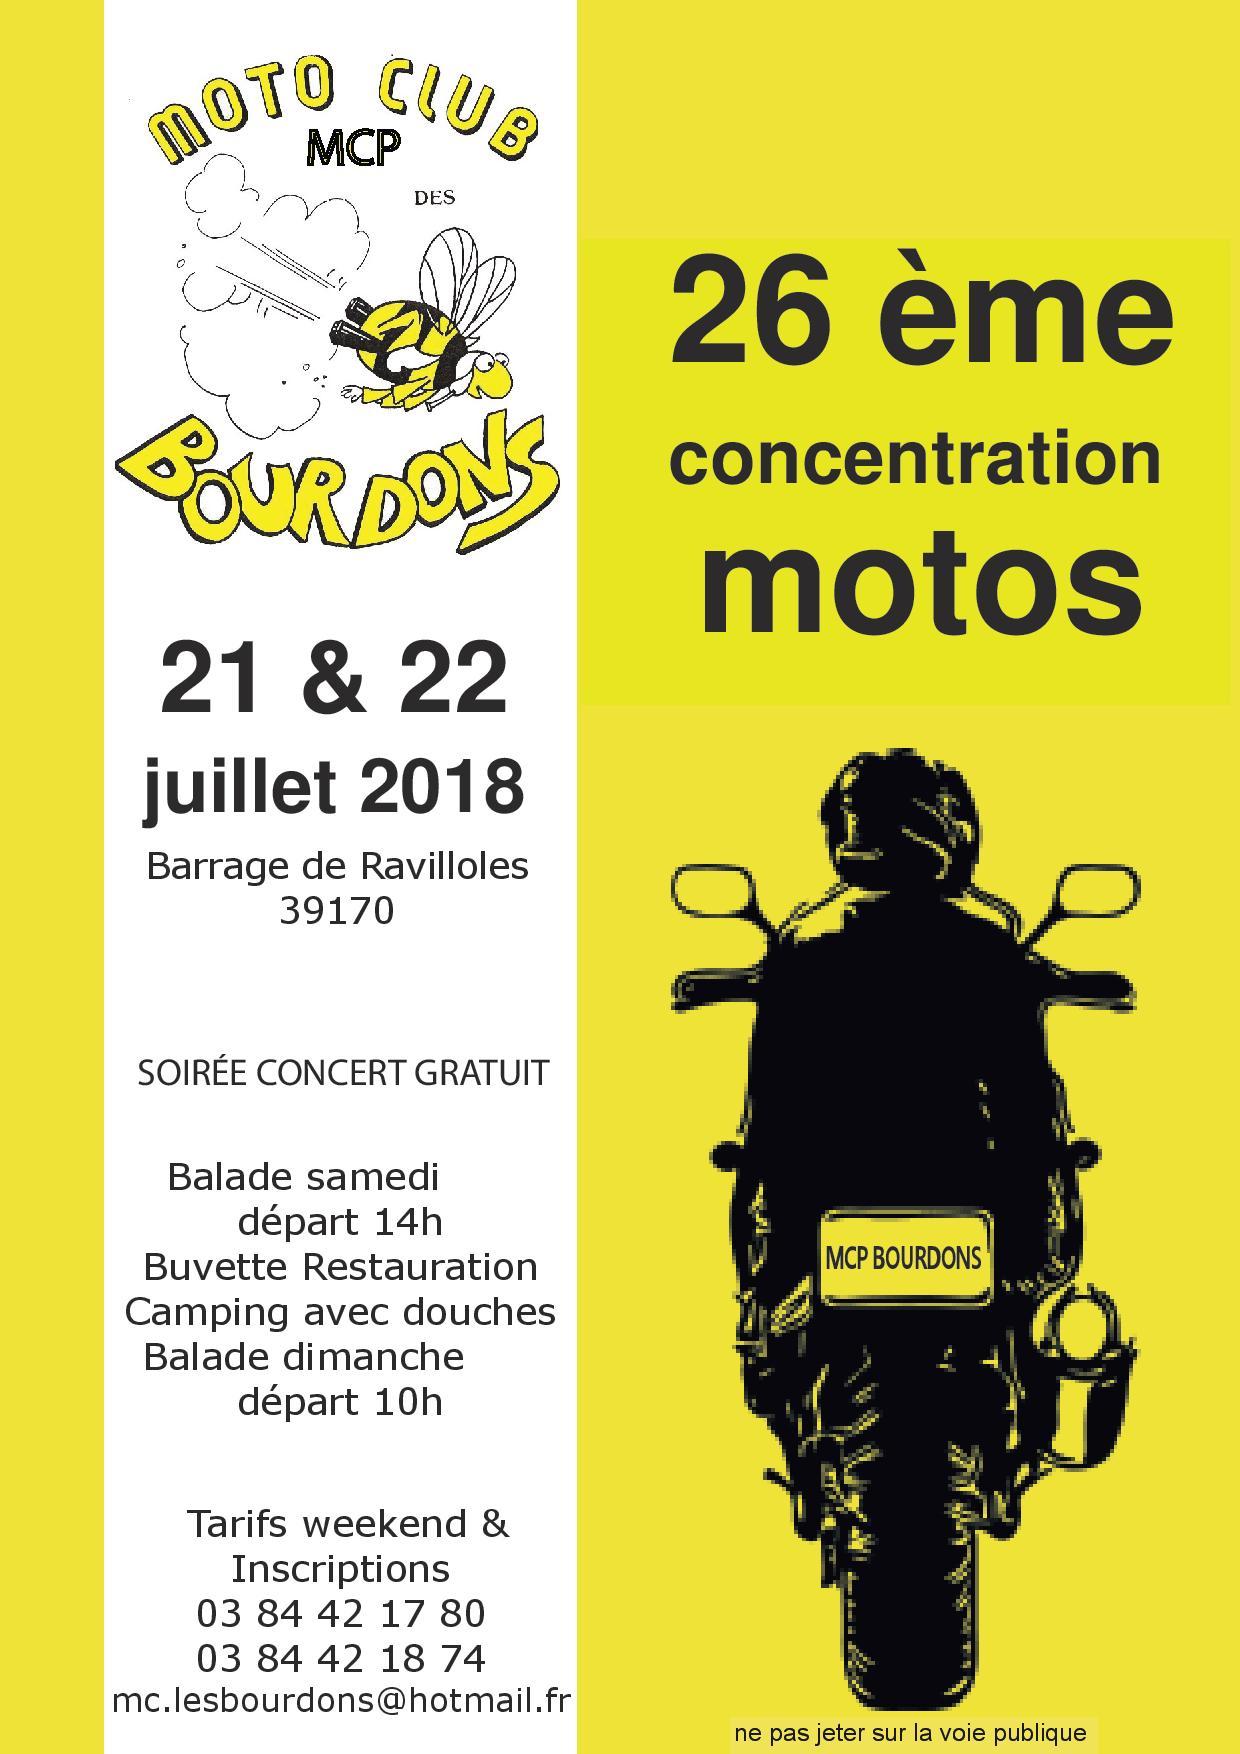 Fête de la moto du moto club des Bourdons